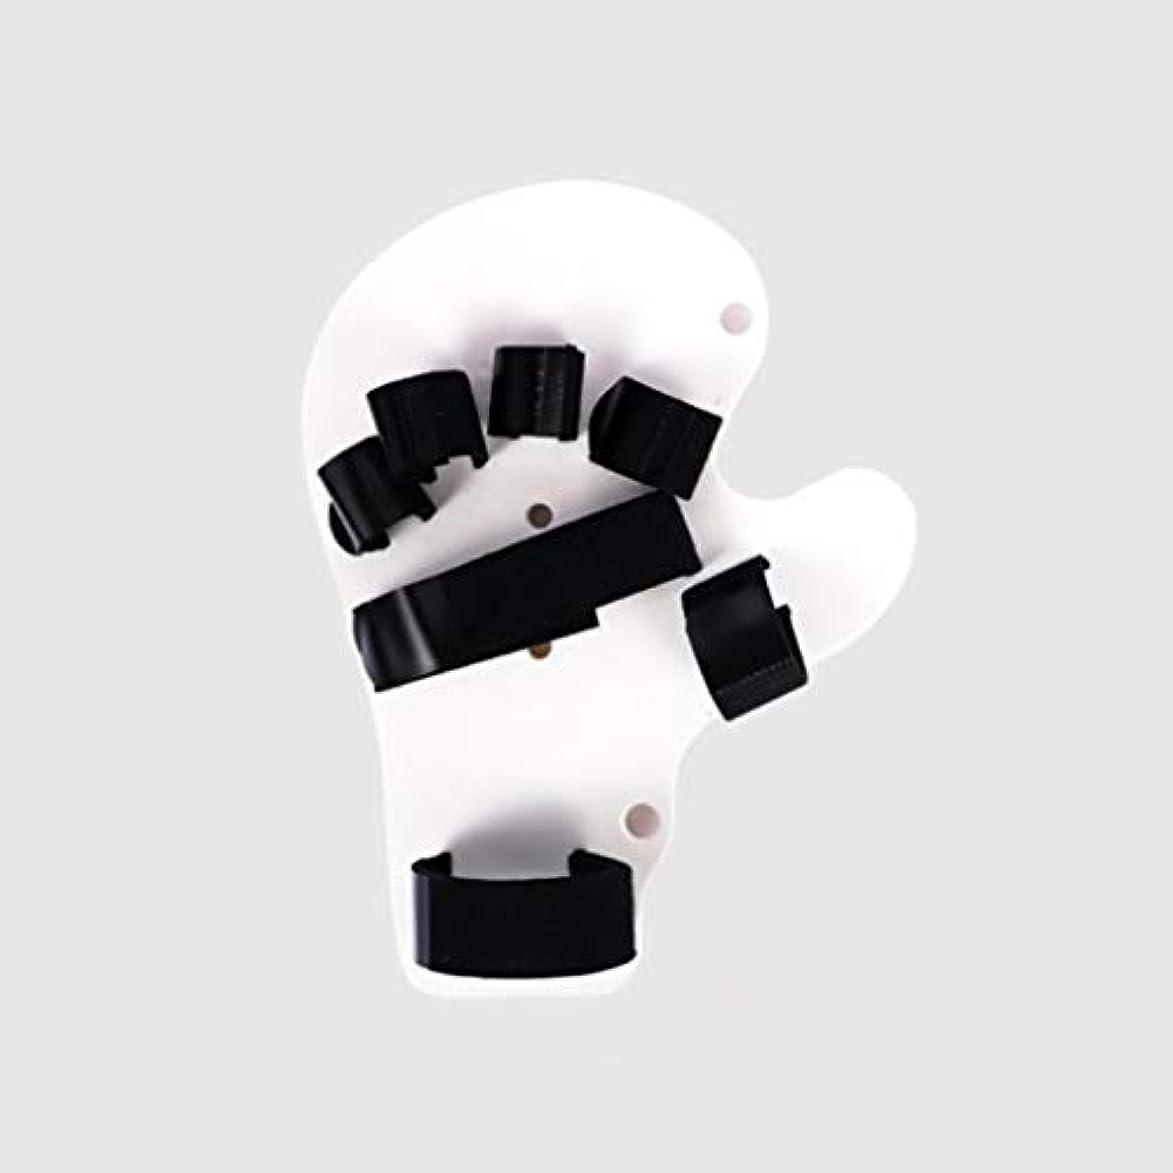 致死メーター精神プロテクターフィンガークッショントリガーフィンガーマレットフィンガーフィンガーナックル固定化指骨折創傷フィンガーエクステンションスプリント,白